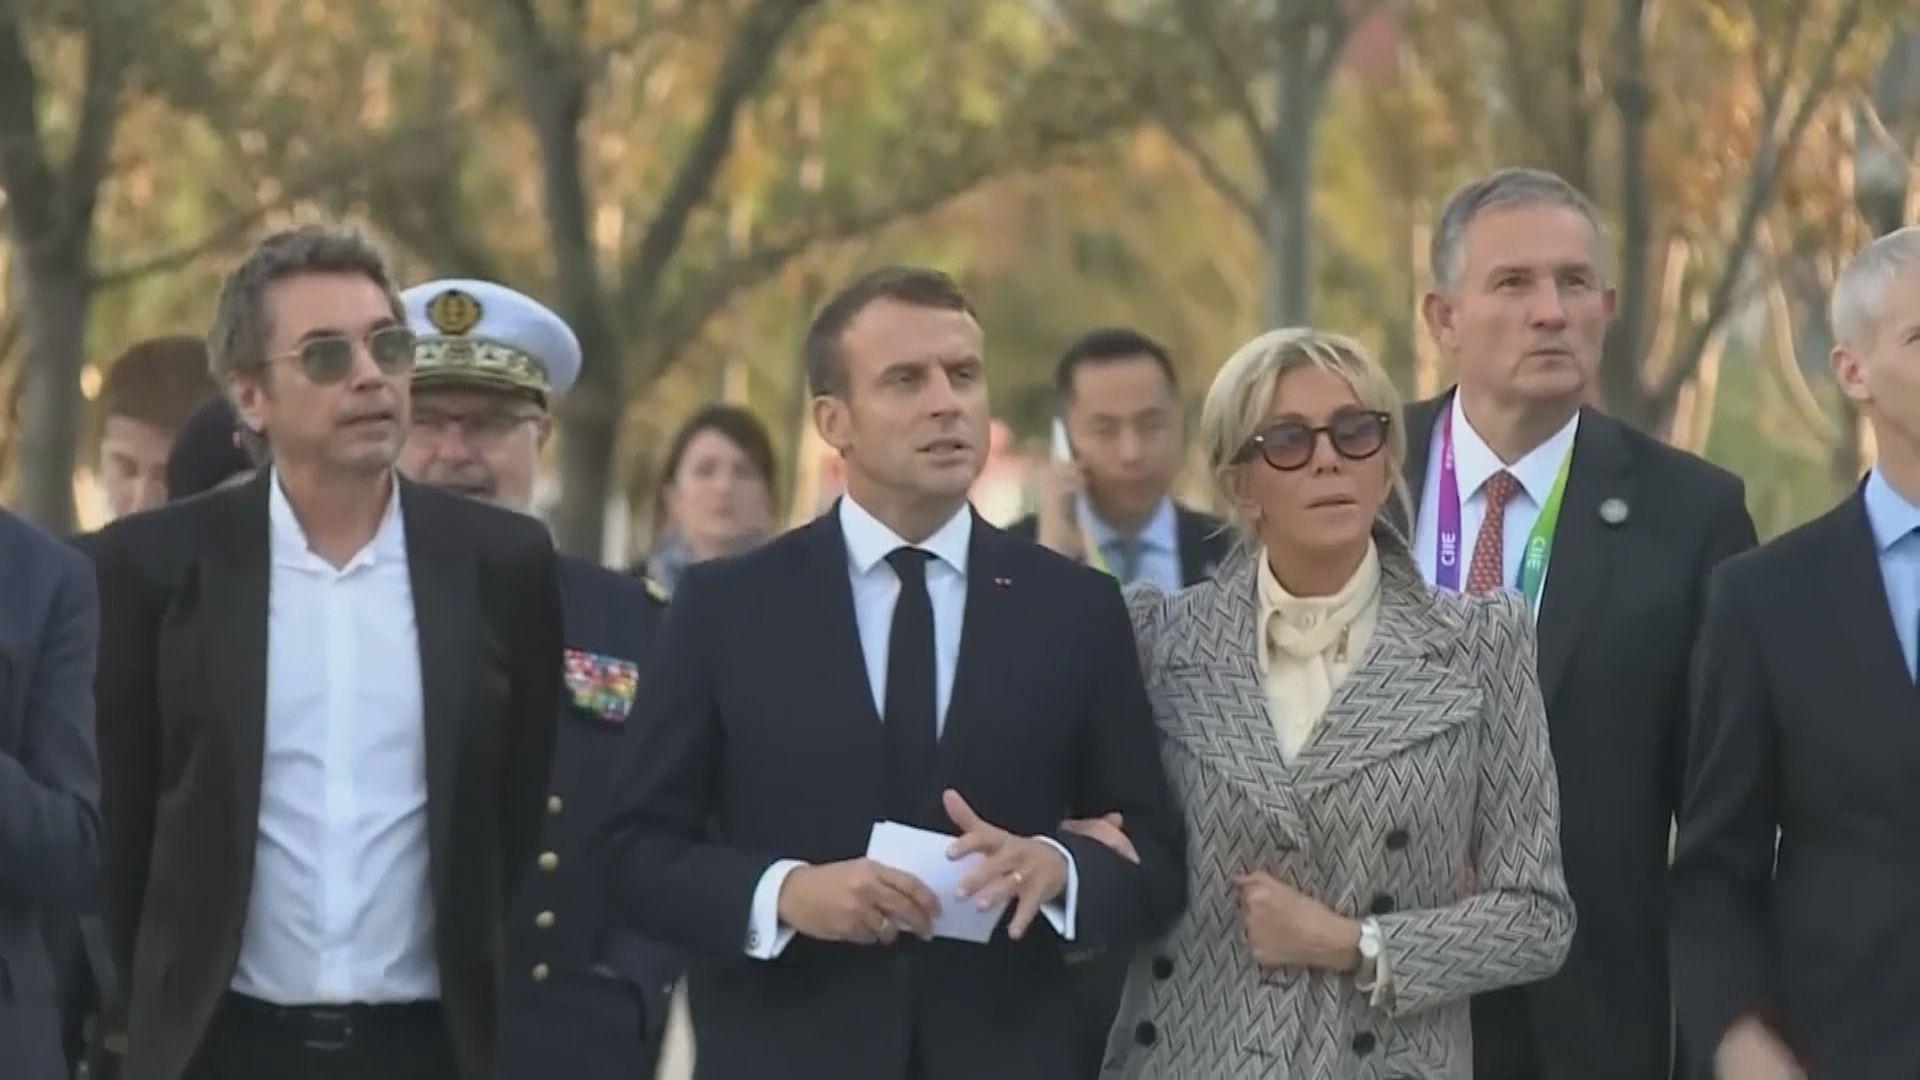 法國總統馬克龍確診新冠病毒前曾出席多項活動